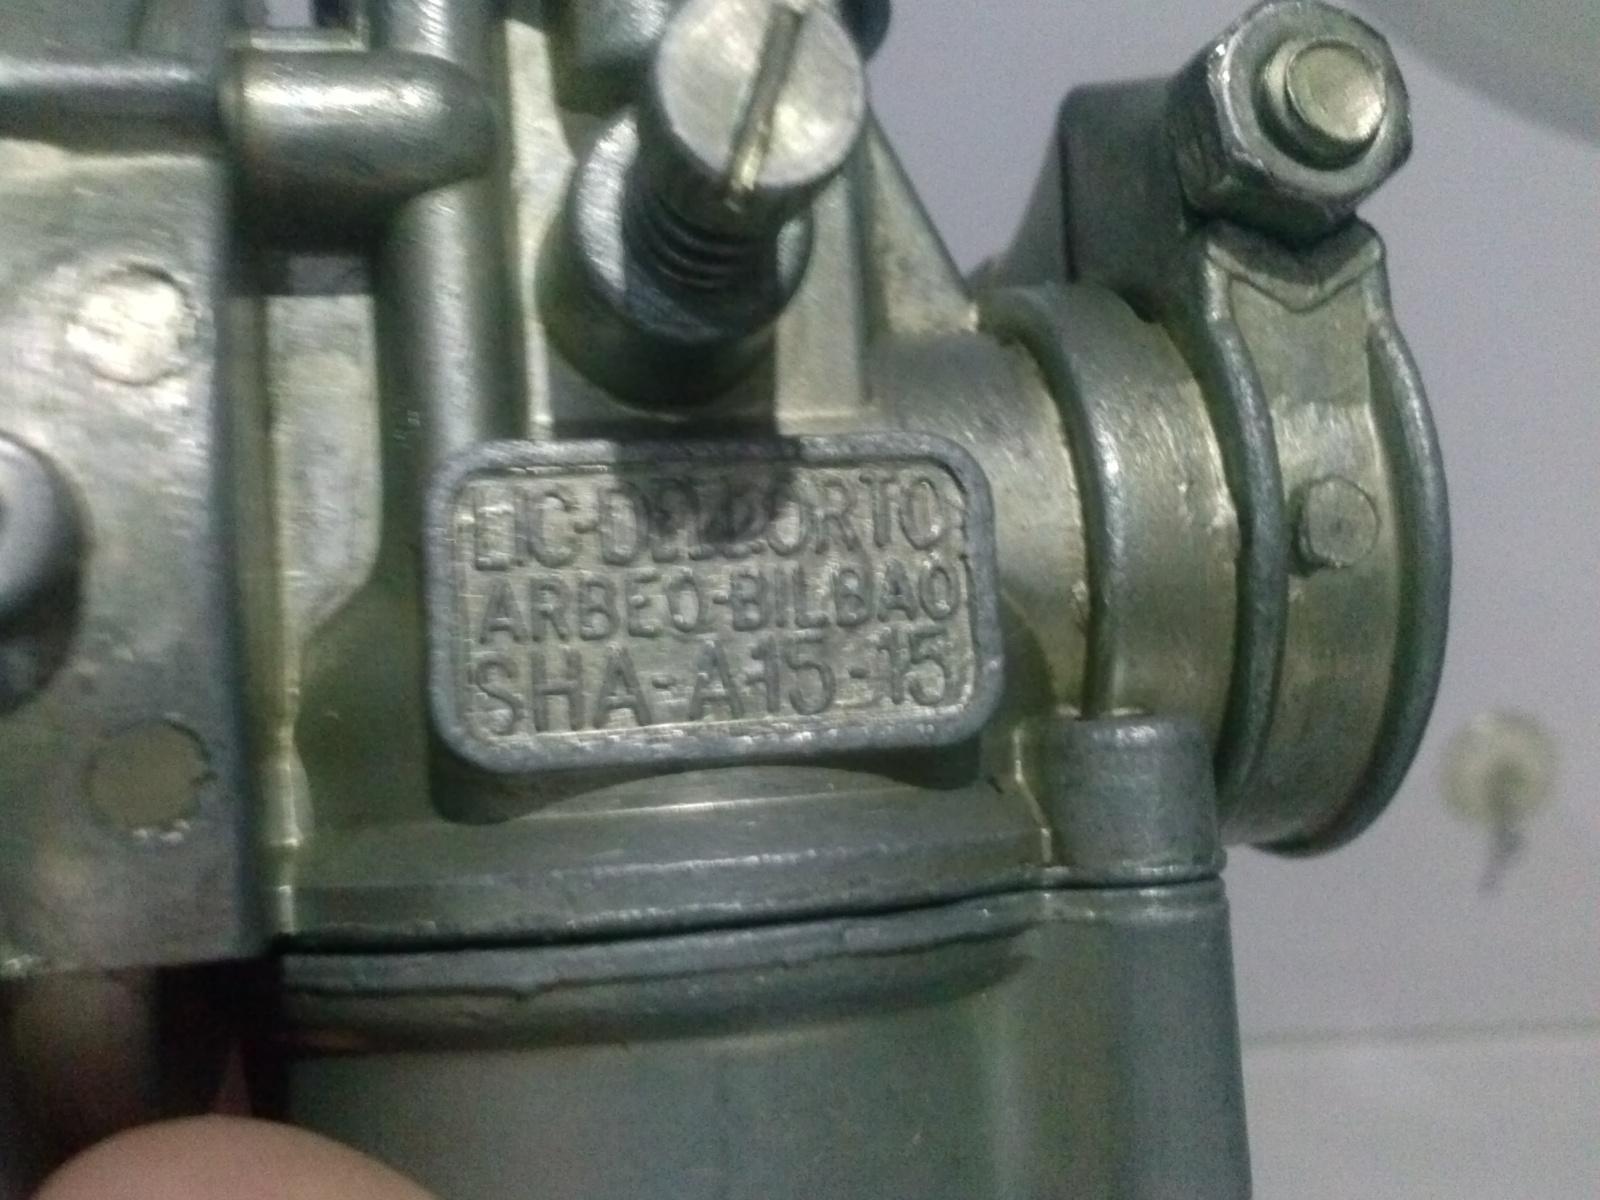 Puch Varias - Carburador Dellorto SHA-A 15-15 33zbvc2